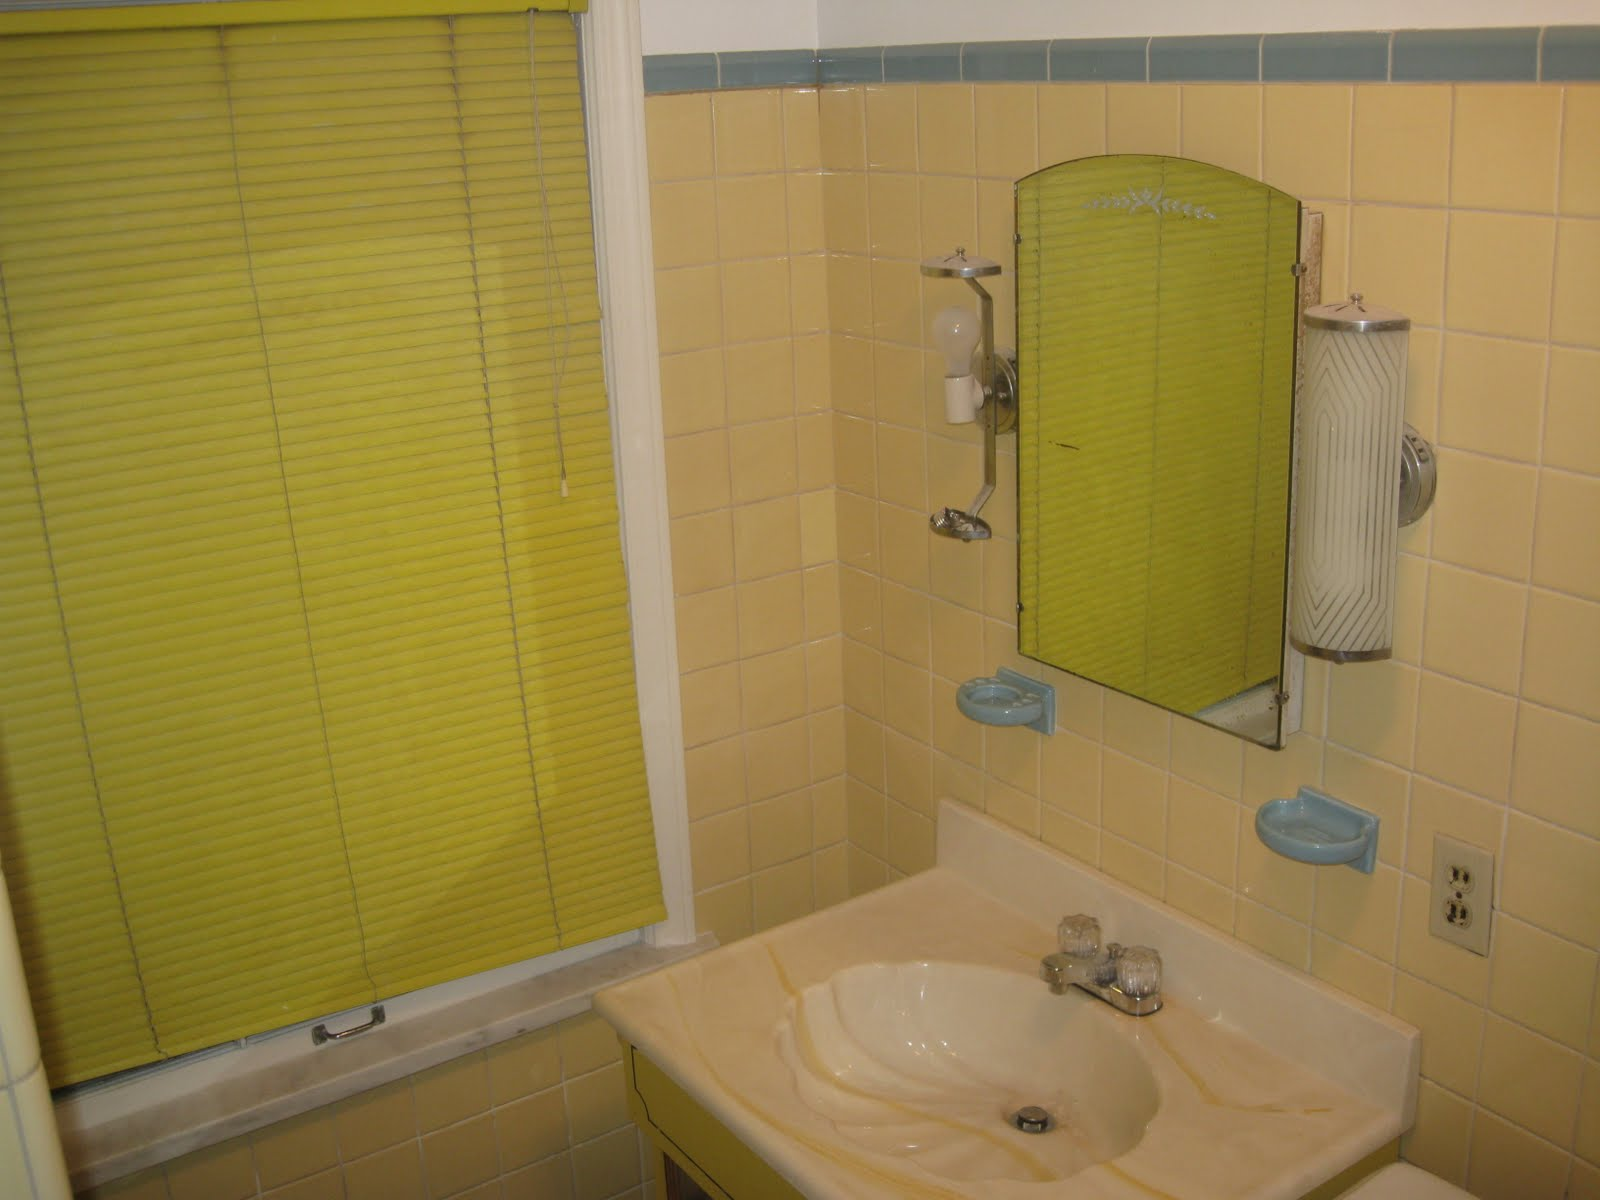 #917E34  Achados de Decoração : ANTES E DEPOIS: BANHEIRO E LAVABO HOME MADE 1600x1200 px Banheiro E Closet Juntos 3331